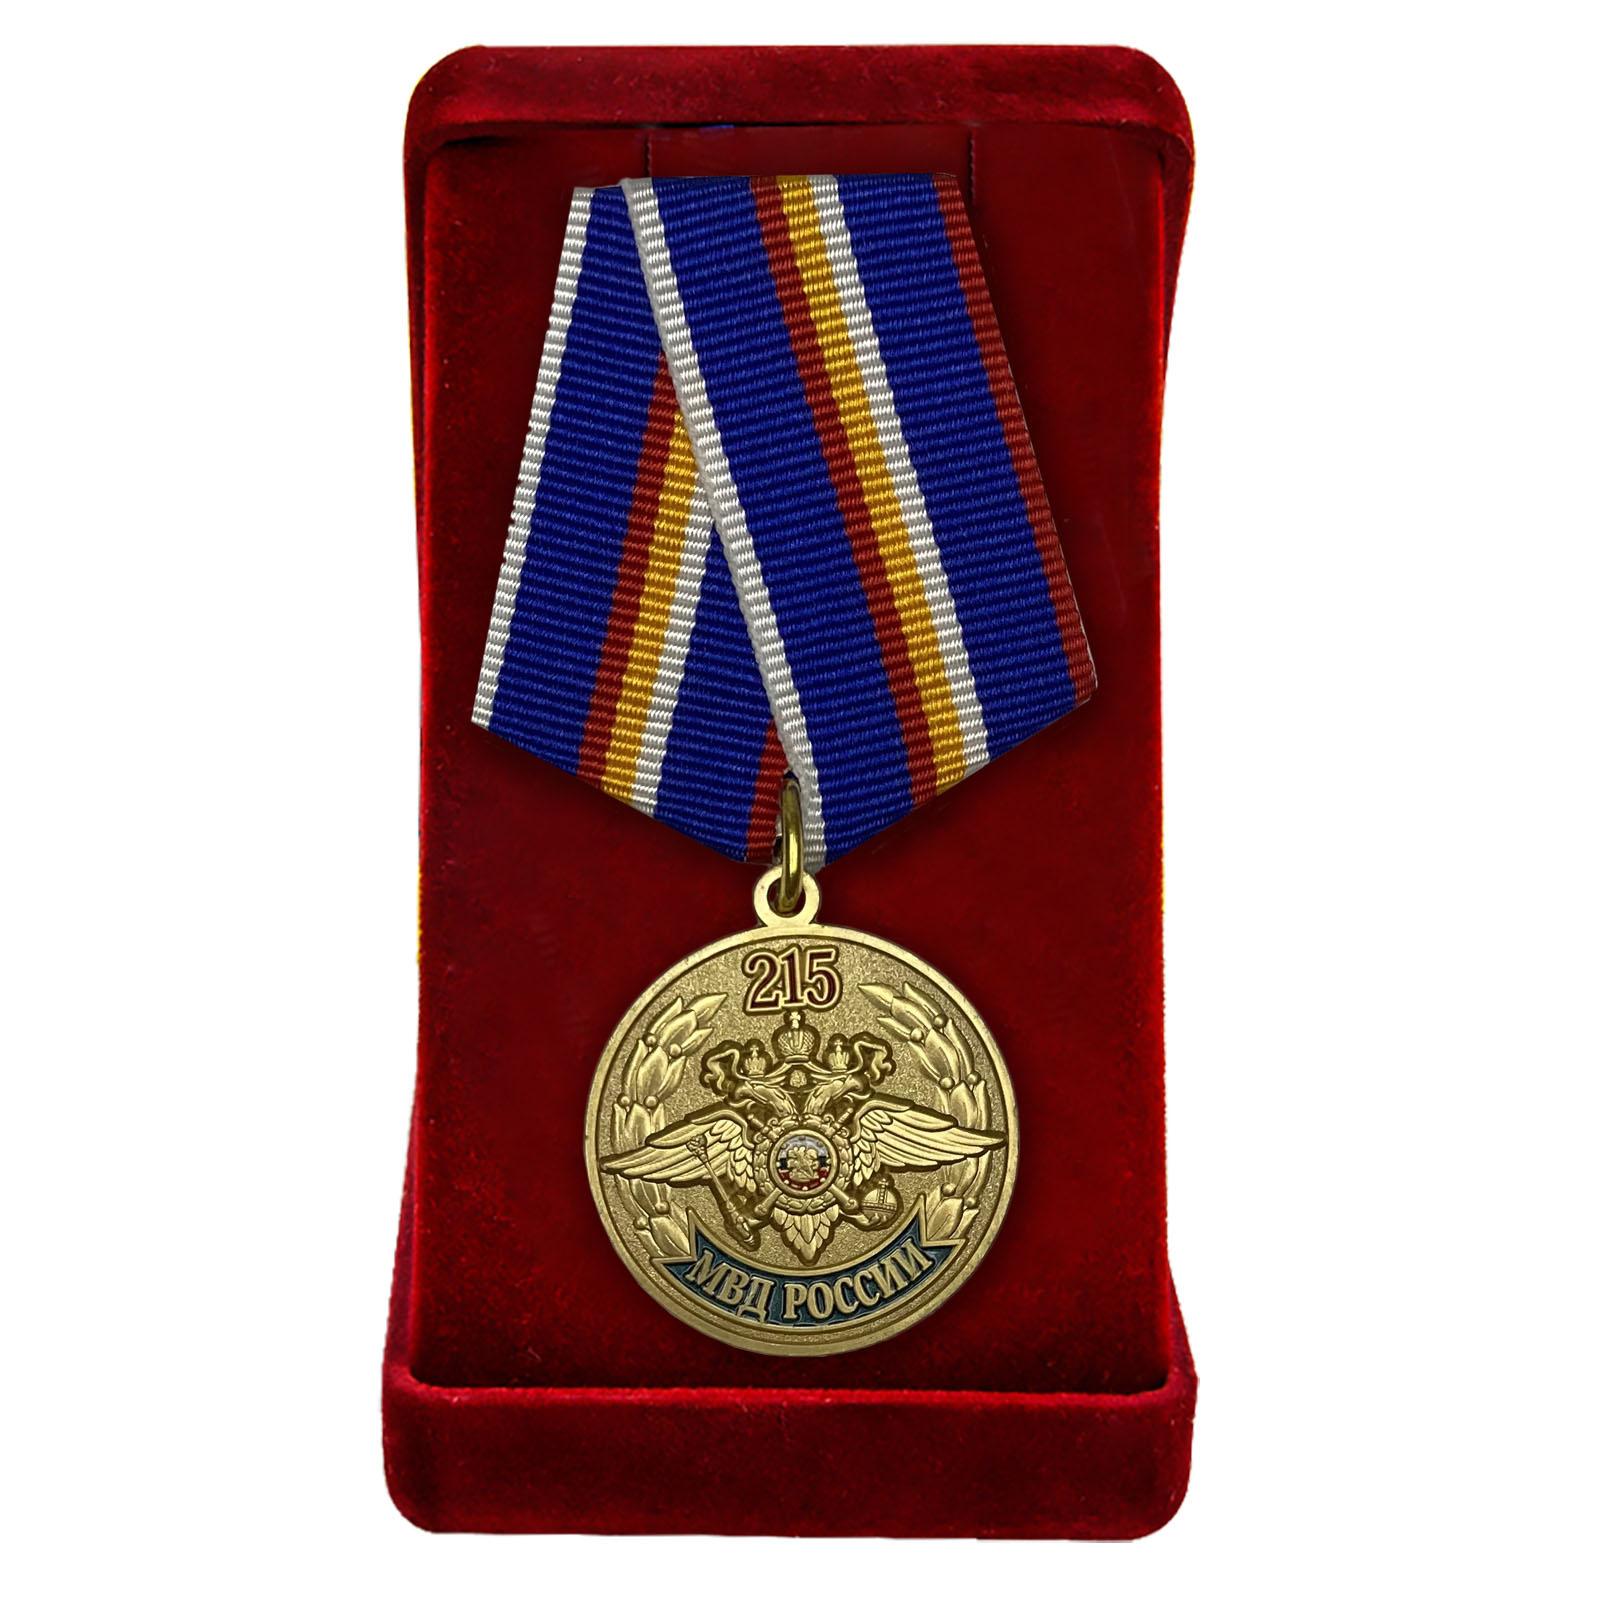 Купить юбилейную медаль 215 лет МВД России в подарок